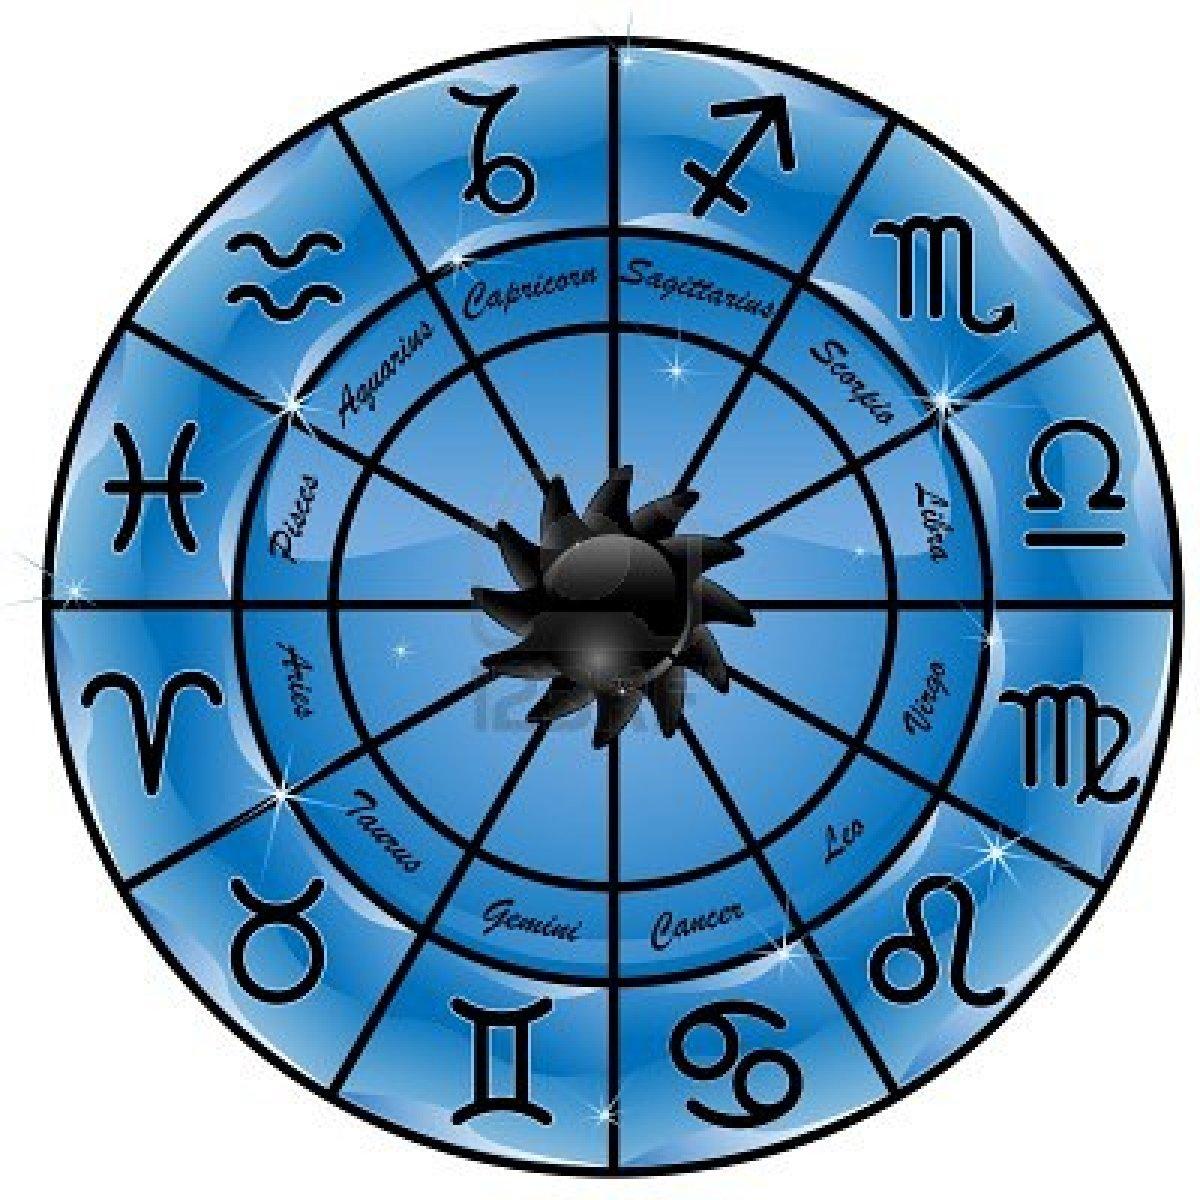 I segni zodiacali pi bravi a letto - I segni zodiacali a letto ...